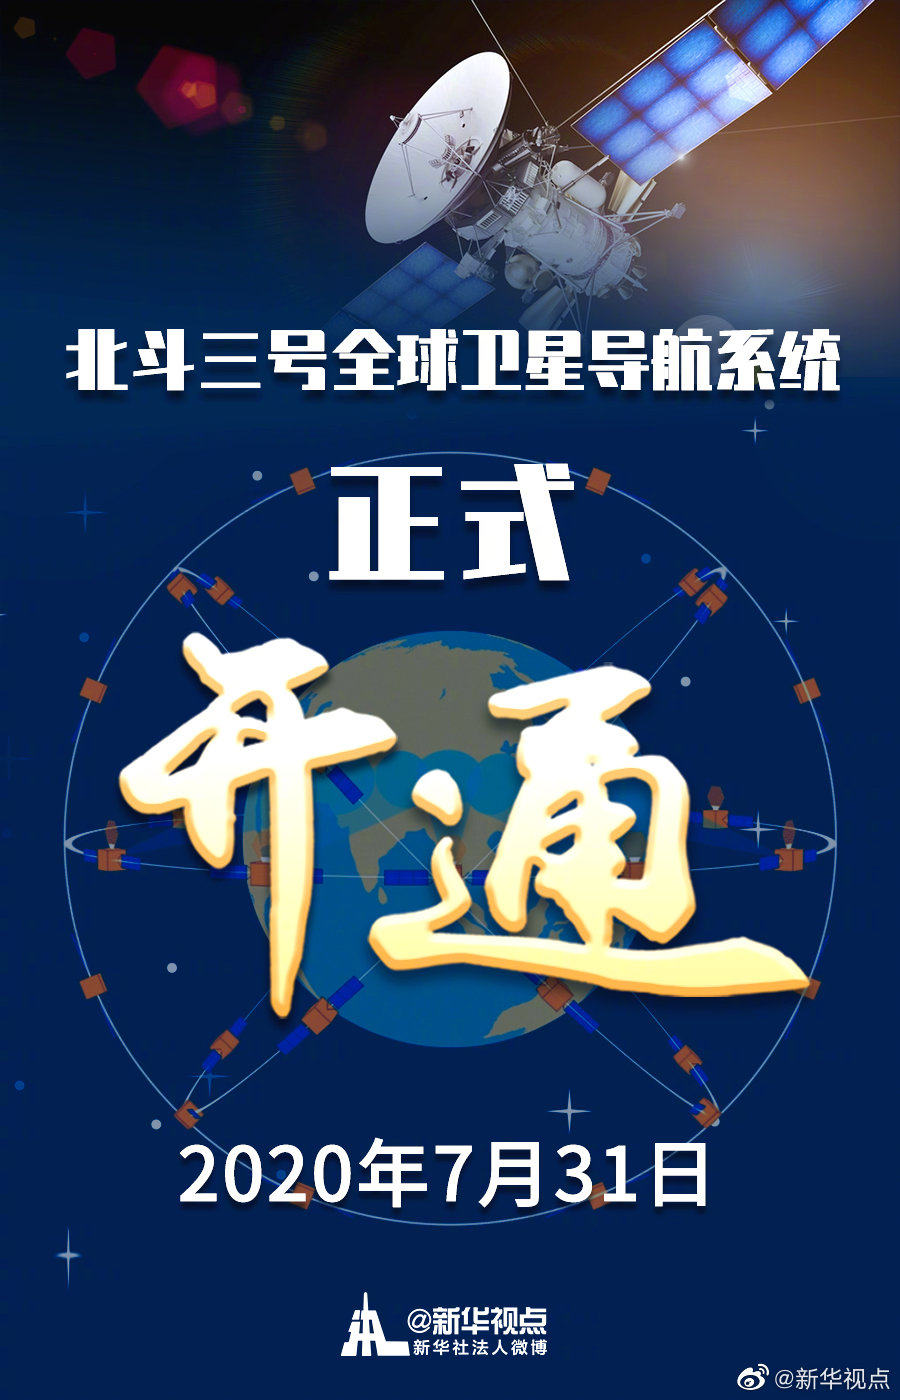 """据央视新闻客户端消息,北斗三号全球卫星导航系统建成暨开通仪式31日上午在北京举行。中共中央总书记、国家主席、中央军委主席习近平出席仪式,宣布北斗三号全球卫星导航系统正式开通。    7月31日,北斗三号全球卫星导航系统正式开通。从北斗一号到北斗三号,26年间,从无到有,从追赶到并肩,从中国走向世界。未来北斗将如何""""导航""""人们的生活?中国的北斗人下一步有怎样的目标?近日,中国科学院院士、北斗卫星导航系统副总设计师杨元喜接受新华网记者独家连线采访,讲述他眼中的""""北斗""""。    全球组网 北斗具有里程碑意义的一刻    """"终于完成了全球的组网,心情是很激动的。""""杨元喜说。    杨元喜告诉记者,最后一颗组网卫星发射成功意义重大,是中国定位导航设施体系建设的一个重要里程碑,这意味着北斗全球星座部署圆满完成,全球用户都可以享用中国提供的定位导航授时服务,我国重要基础设施也可以完全依赖自主可控的定位导航和设施体系。    今年是北斗全球系统建设的收官之年。经过几代北斗人的不懈努力,用20多年走完其他全球卫星导航系统40多年的发展之路,为世界卫星导航发展贡献了""""中国方案""""。    杨元喜表示,北斗人的使命不单是卫星发射组网成功,更重要的是为全球用户,尤其是中国用户提供稳定、可靠的定位导航和授时服务,这才是最终目标。    """"从今天起,北斗人又迎来一个新的起点,下一步以北斗为核心,要构建满足从深空到深海无缝的定位导航和授时体系服务。我们得琢磨下一代功能更强,服务范围更广,更坚韧,更可靠的定位导航设施建设,任务仍然非常艰巨。""""    天上北斗 就在身边    我们什么时候才能用上北斗导航?杨元喜介绍说,北斗提供的信号实际上是无时无处不在,""""高大上""""的北斗导航,早已经不知不觉""""常伴你左右""""。    杨元喜透露,进入北斗卫星导航时代,北斗其实一直在默默地帮你""""对表""""。从手机定位到手表授时,从交通导航到防灾减灾,从无人耕作到国际搜救——近年来,北斗系统已在各行各业得到广泛应用。    """"在电力网络中,北斗授时确保了大量自动化装置精准运行,保障电能源源不断地输送到千家万户;常年出海的渔民早就使用了中国的北斗,短报文功能已成为他们闯海的""""守护神"""",在没有互联网的大海上发出信息,在危急时刻得到及时救助。""""杨元喜说。    准确感知事物处于""""何时"""" """"何地"""",北斗就在我们身边。    """"天涯若比邻""""的梦想成为现实    通信卫星如何让""""天涯若比邻""""实现的呢?杨元喜介绍,此次组网完成后,北斗卫星导航系统可以把全球用户变成一张网,大家可以互相联络,信息的距离更近了,中国的北斗,也是世界的北斗,服务于中国,也服务全球。    据了解,北斗卫星导航系统,是中国为全人类建设的一项重大空间基础设施。目前,国产北斗基础产品已经出口120余个国家和地区,其中覆盖""""一带一路""""国家达到30余个。    杨元喜表示,未来希望北斗有更多的特色服务能服务全球,""""天涯若比邻""""不再是诗句中的遐想。.jpg"""